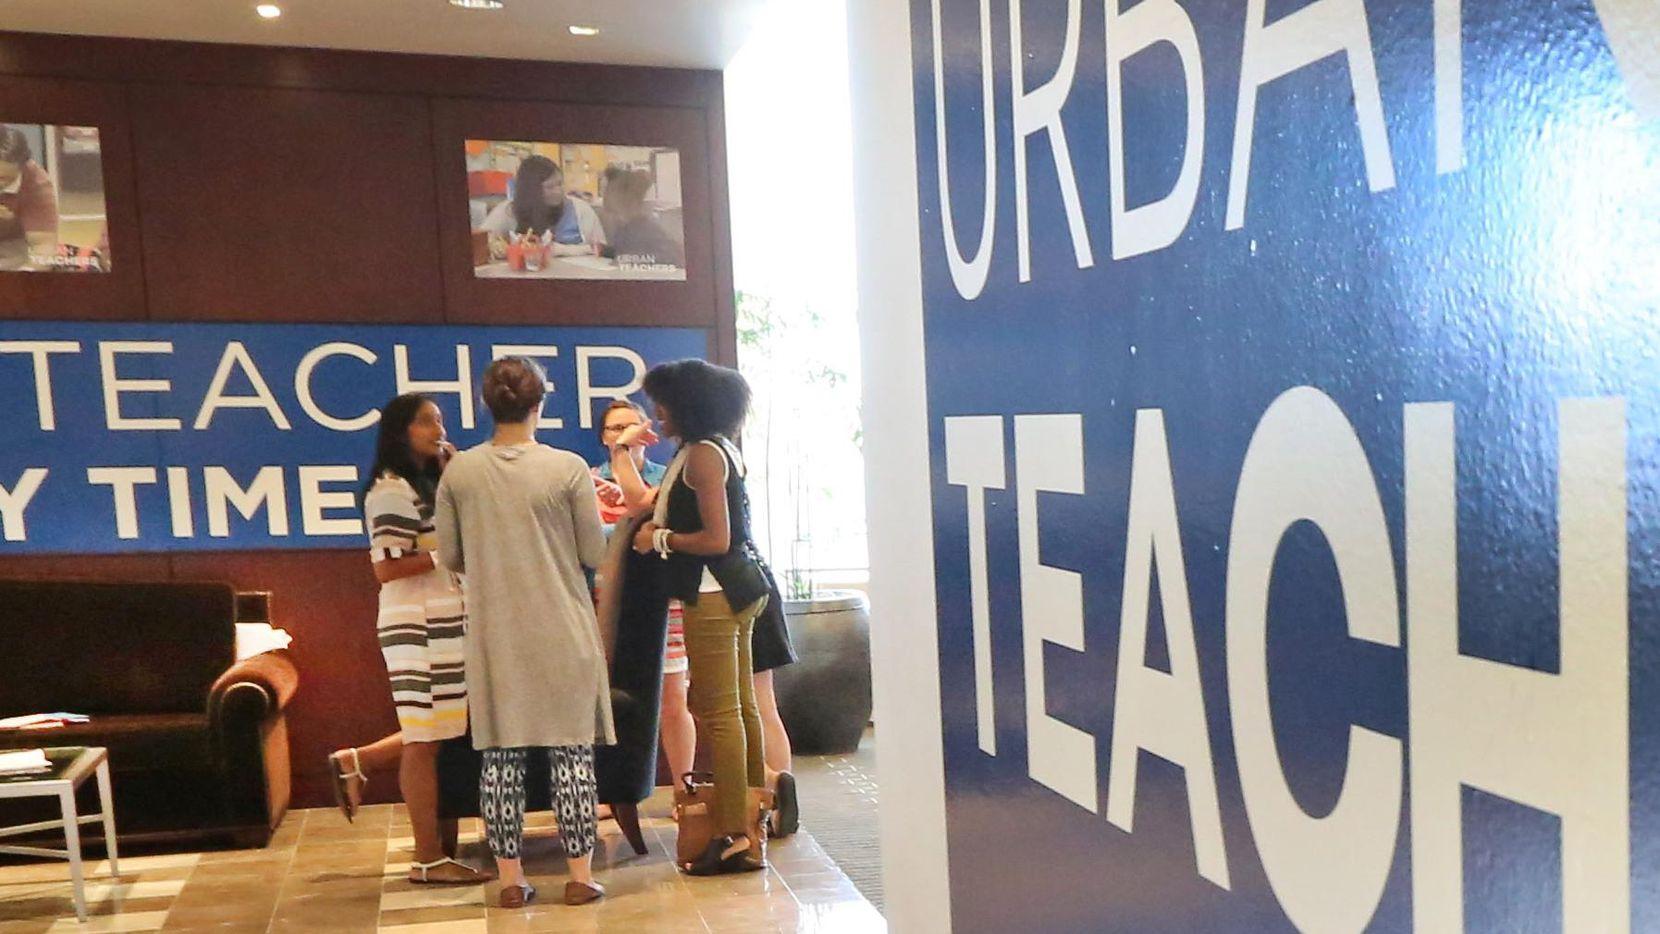 El distrito escolar de Dallas recluta docentes de su Programa de Maestros Urbanos. Esta fue la graduación de la generación 2016. (DMN/LOUIS DeLUCA)